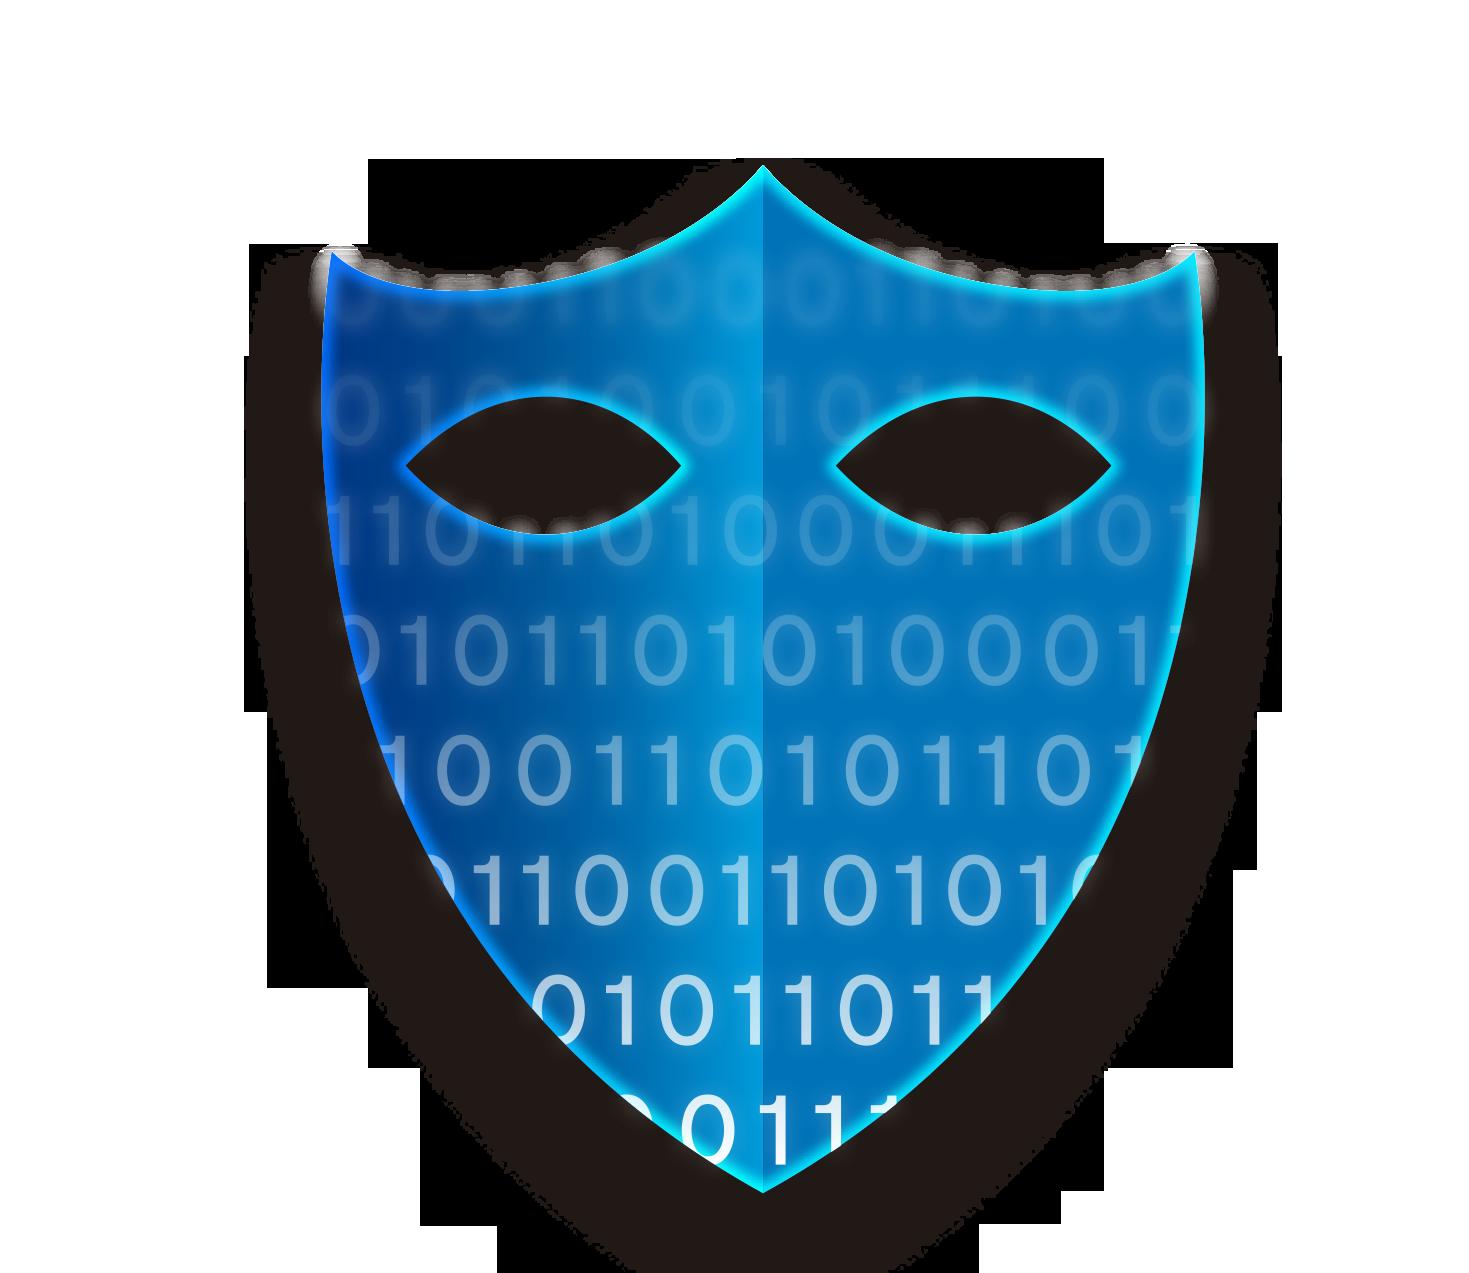 Guara Sistemas y Ciberseguridad